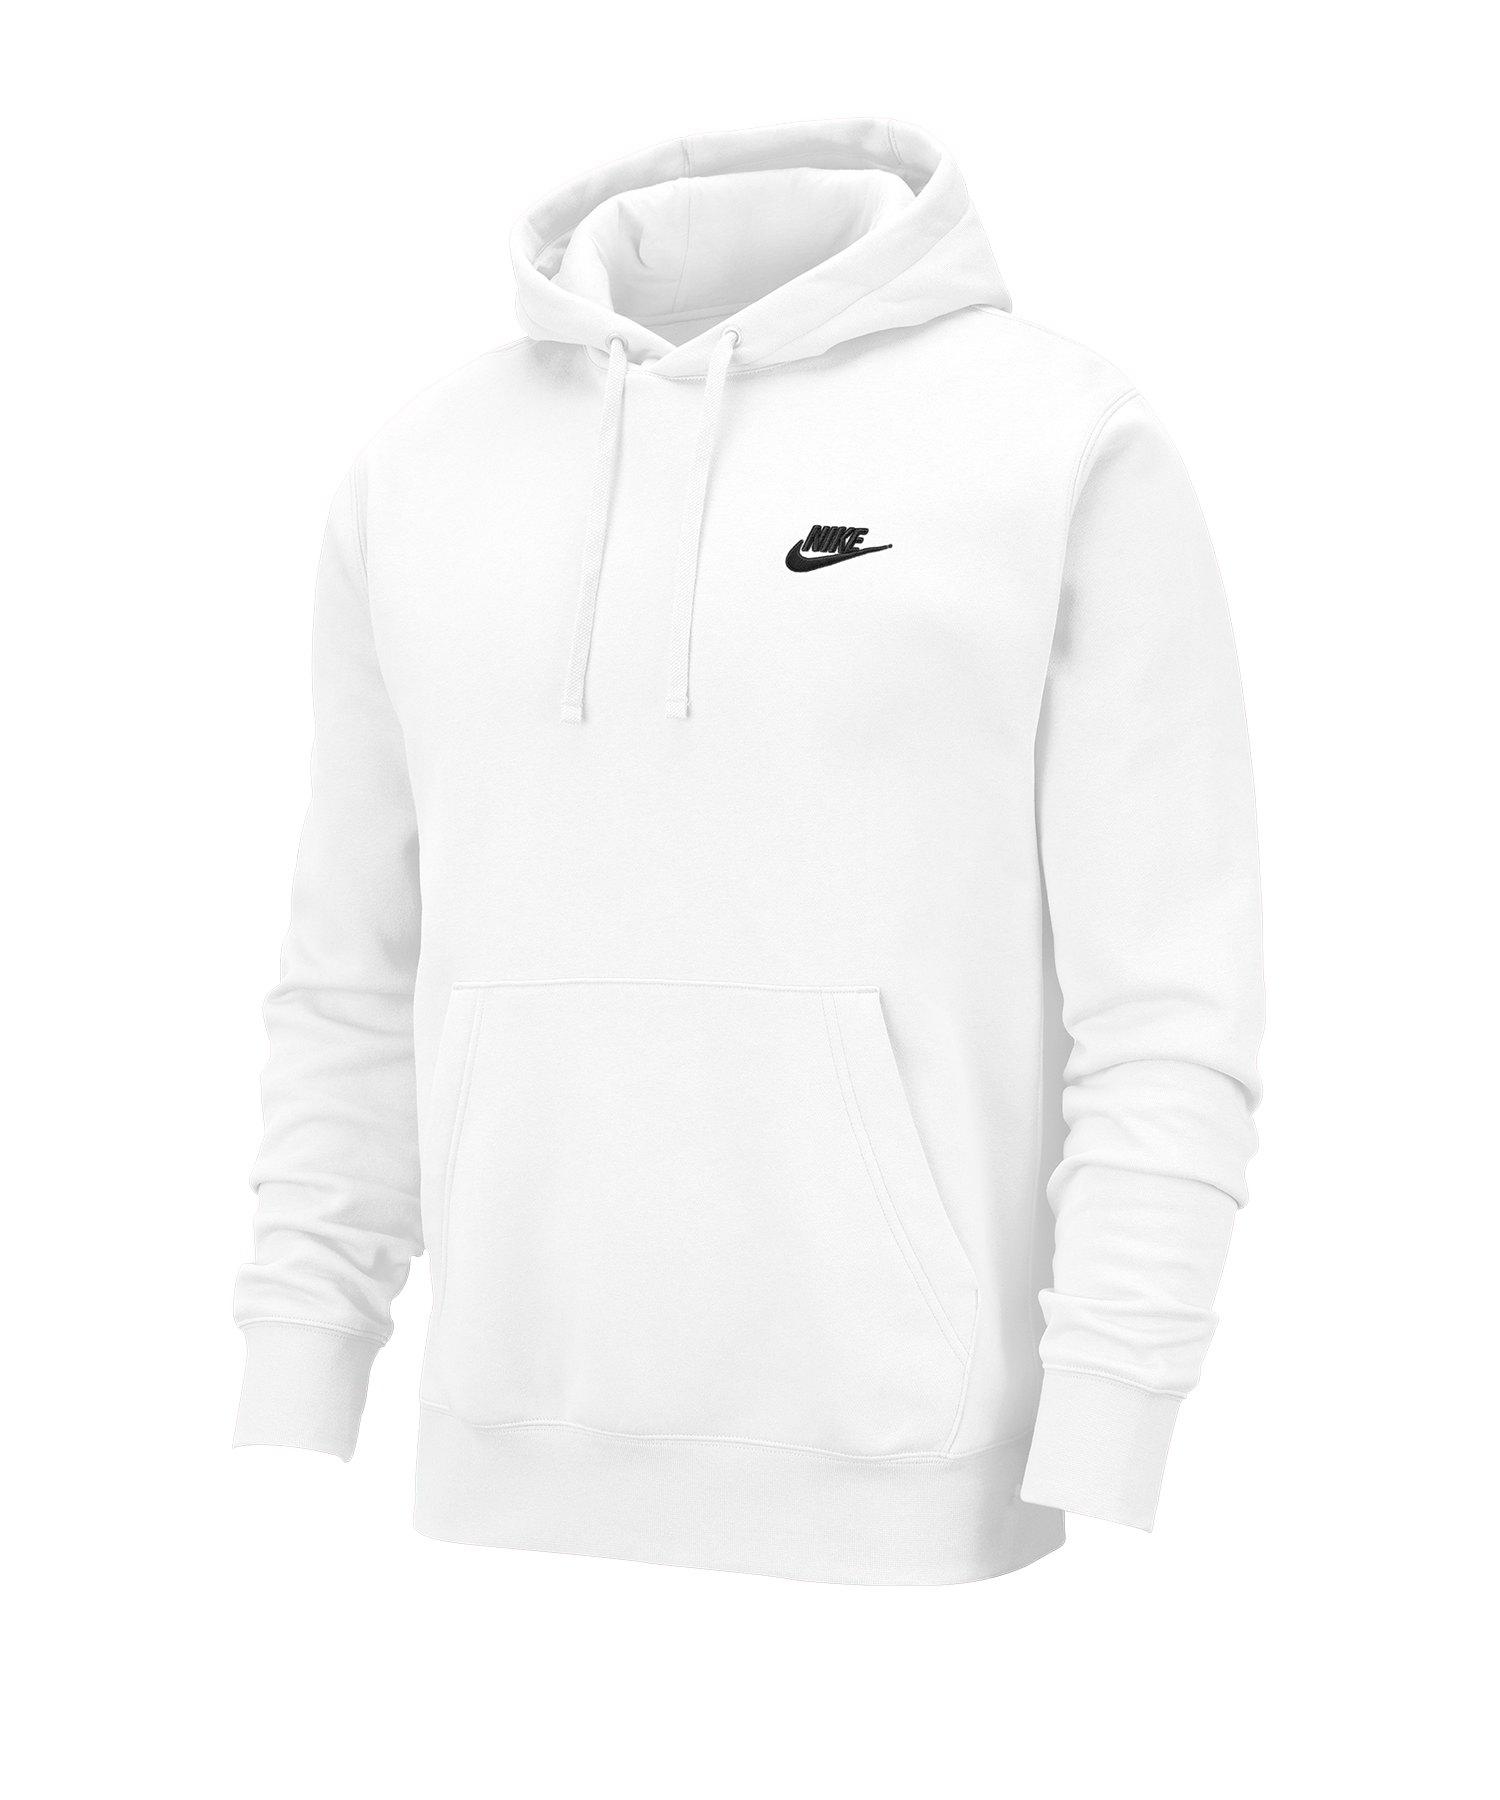 Nike Club Fleece Hoody Weiss F100 - weiss